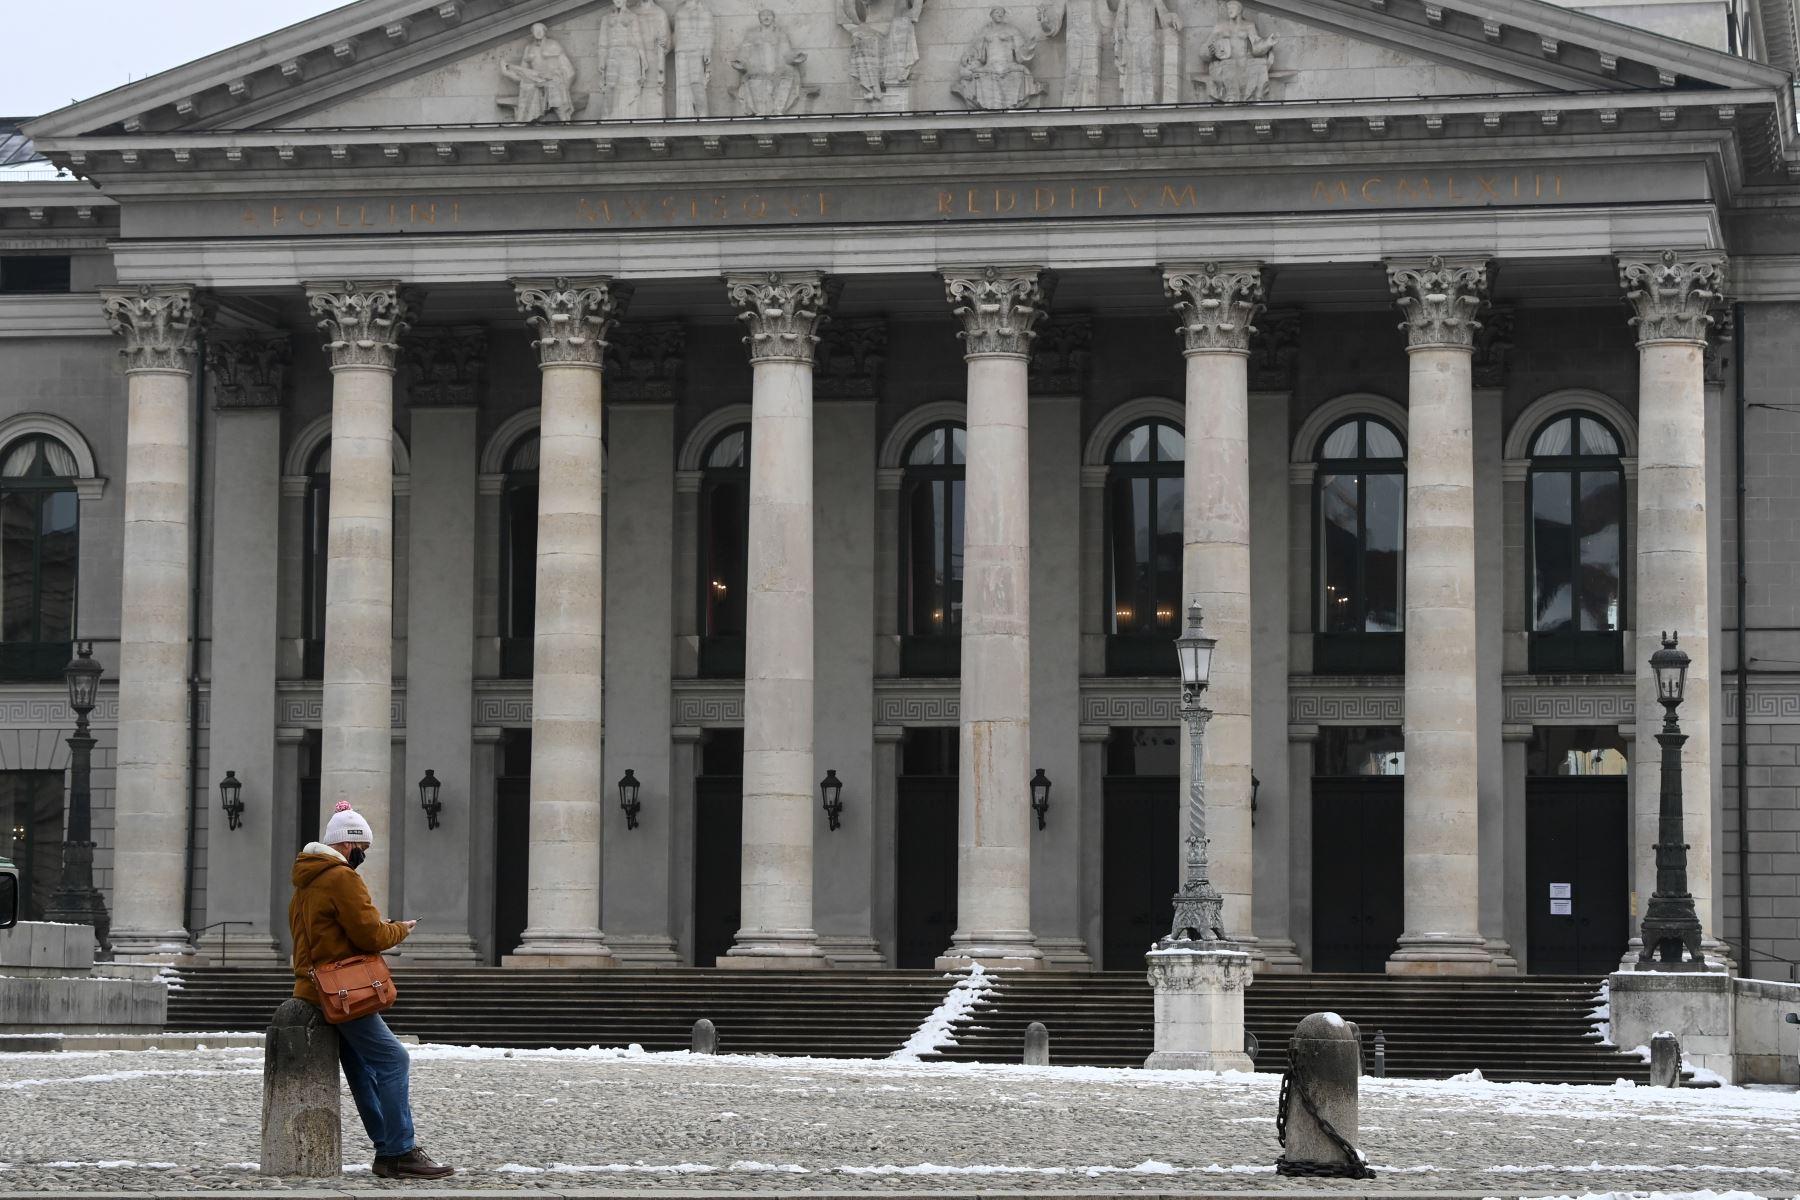 Un hombre con una máscara facial revisa su teléfono en la plaza vacía frente a la ópera de Múnich, en el sur de Alemania, en medio de la pandemia del nuevo coronavirus Covid-19 en curso. Foto: AFP